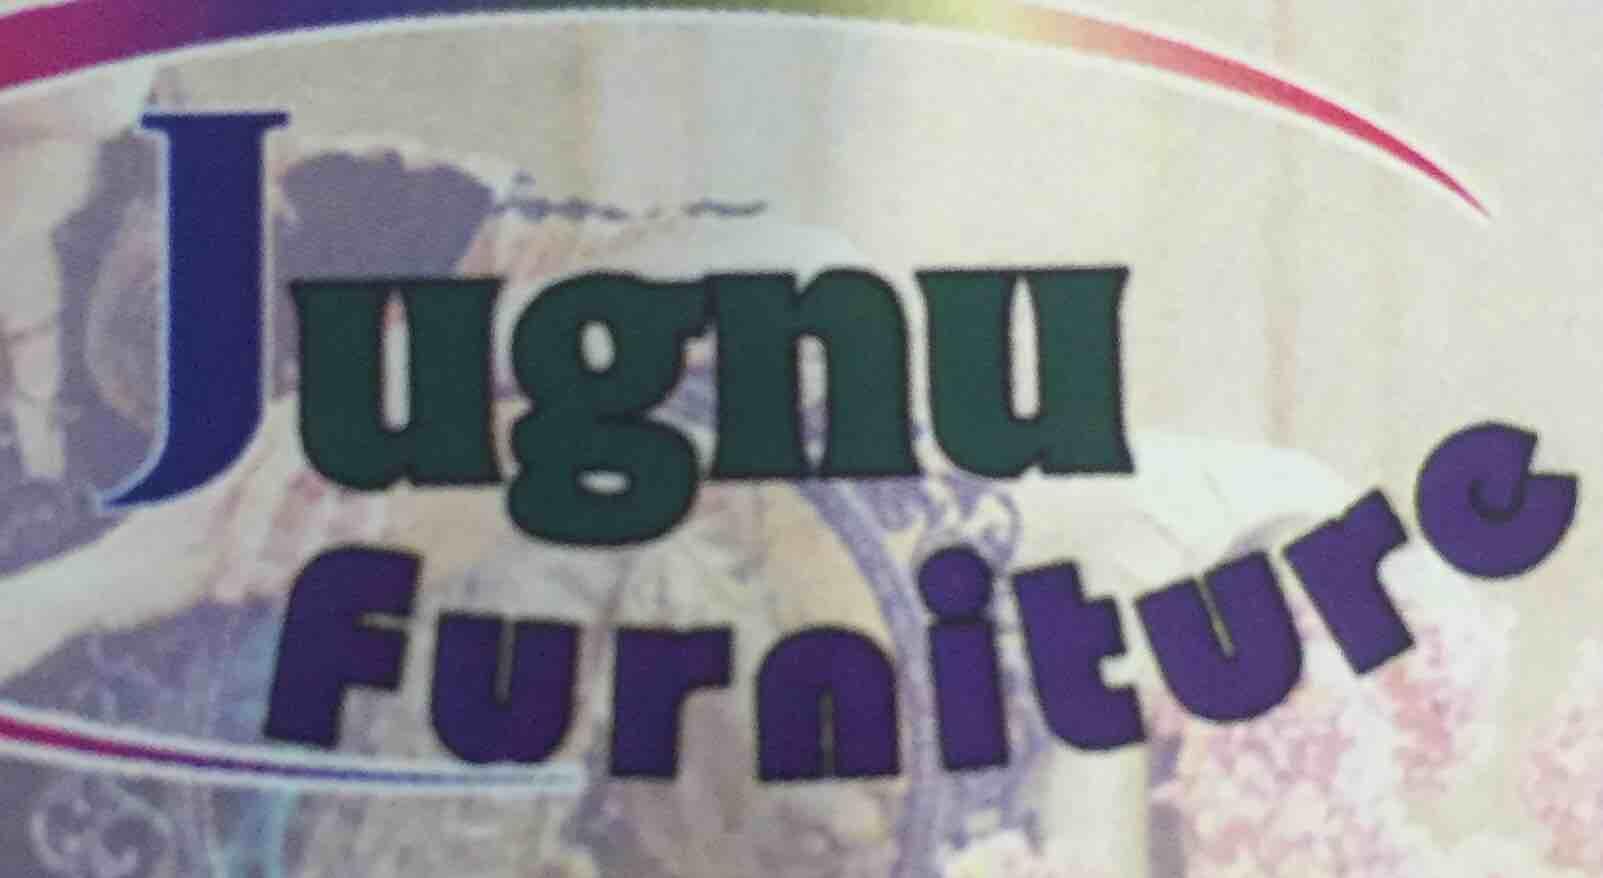 JUGNU FURNITURE